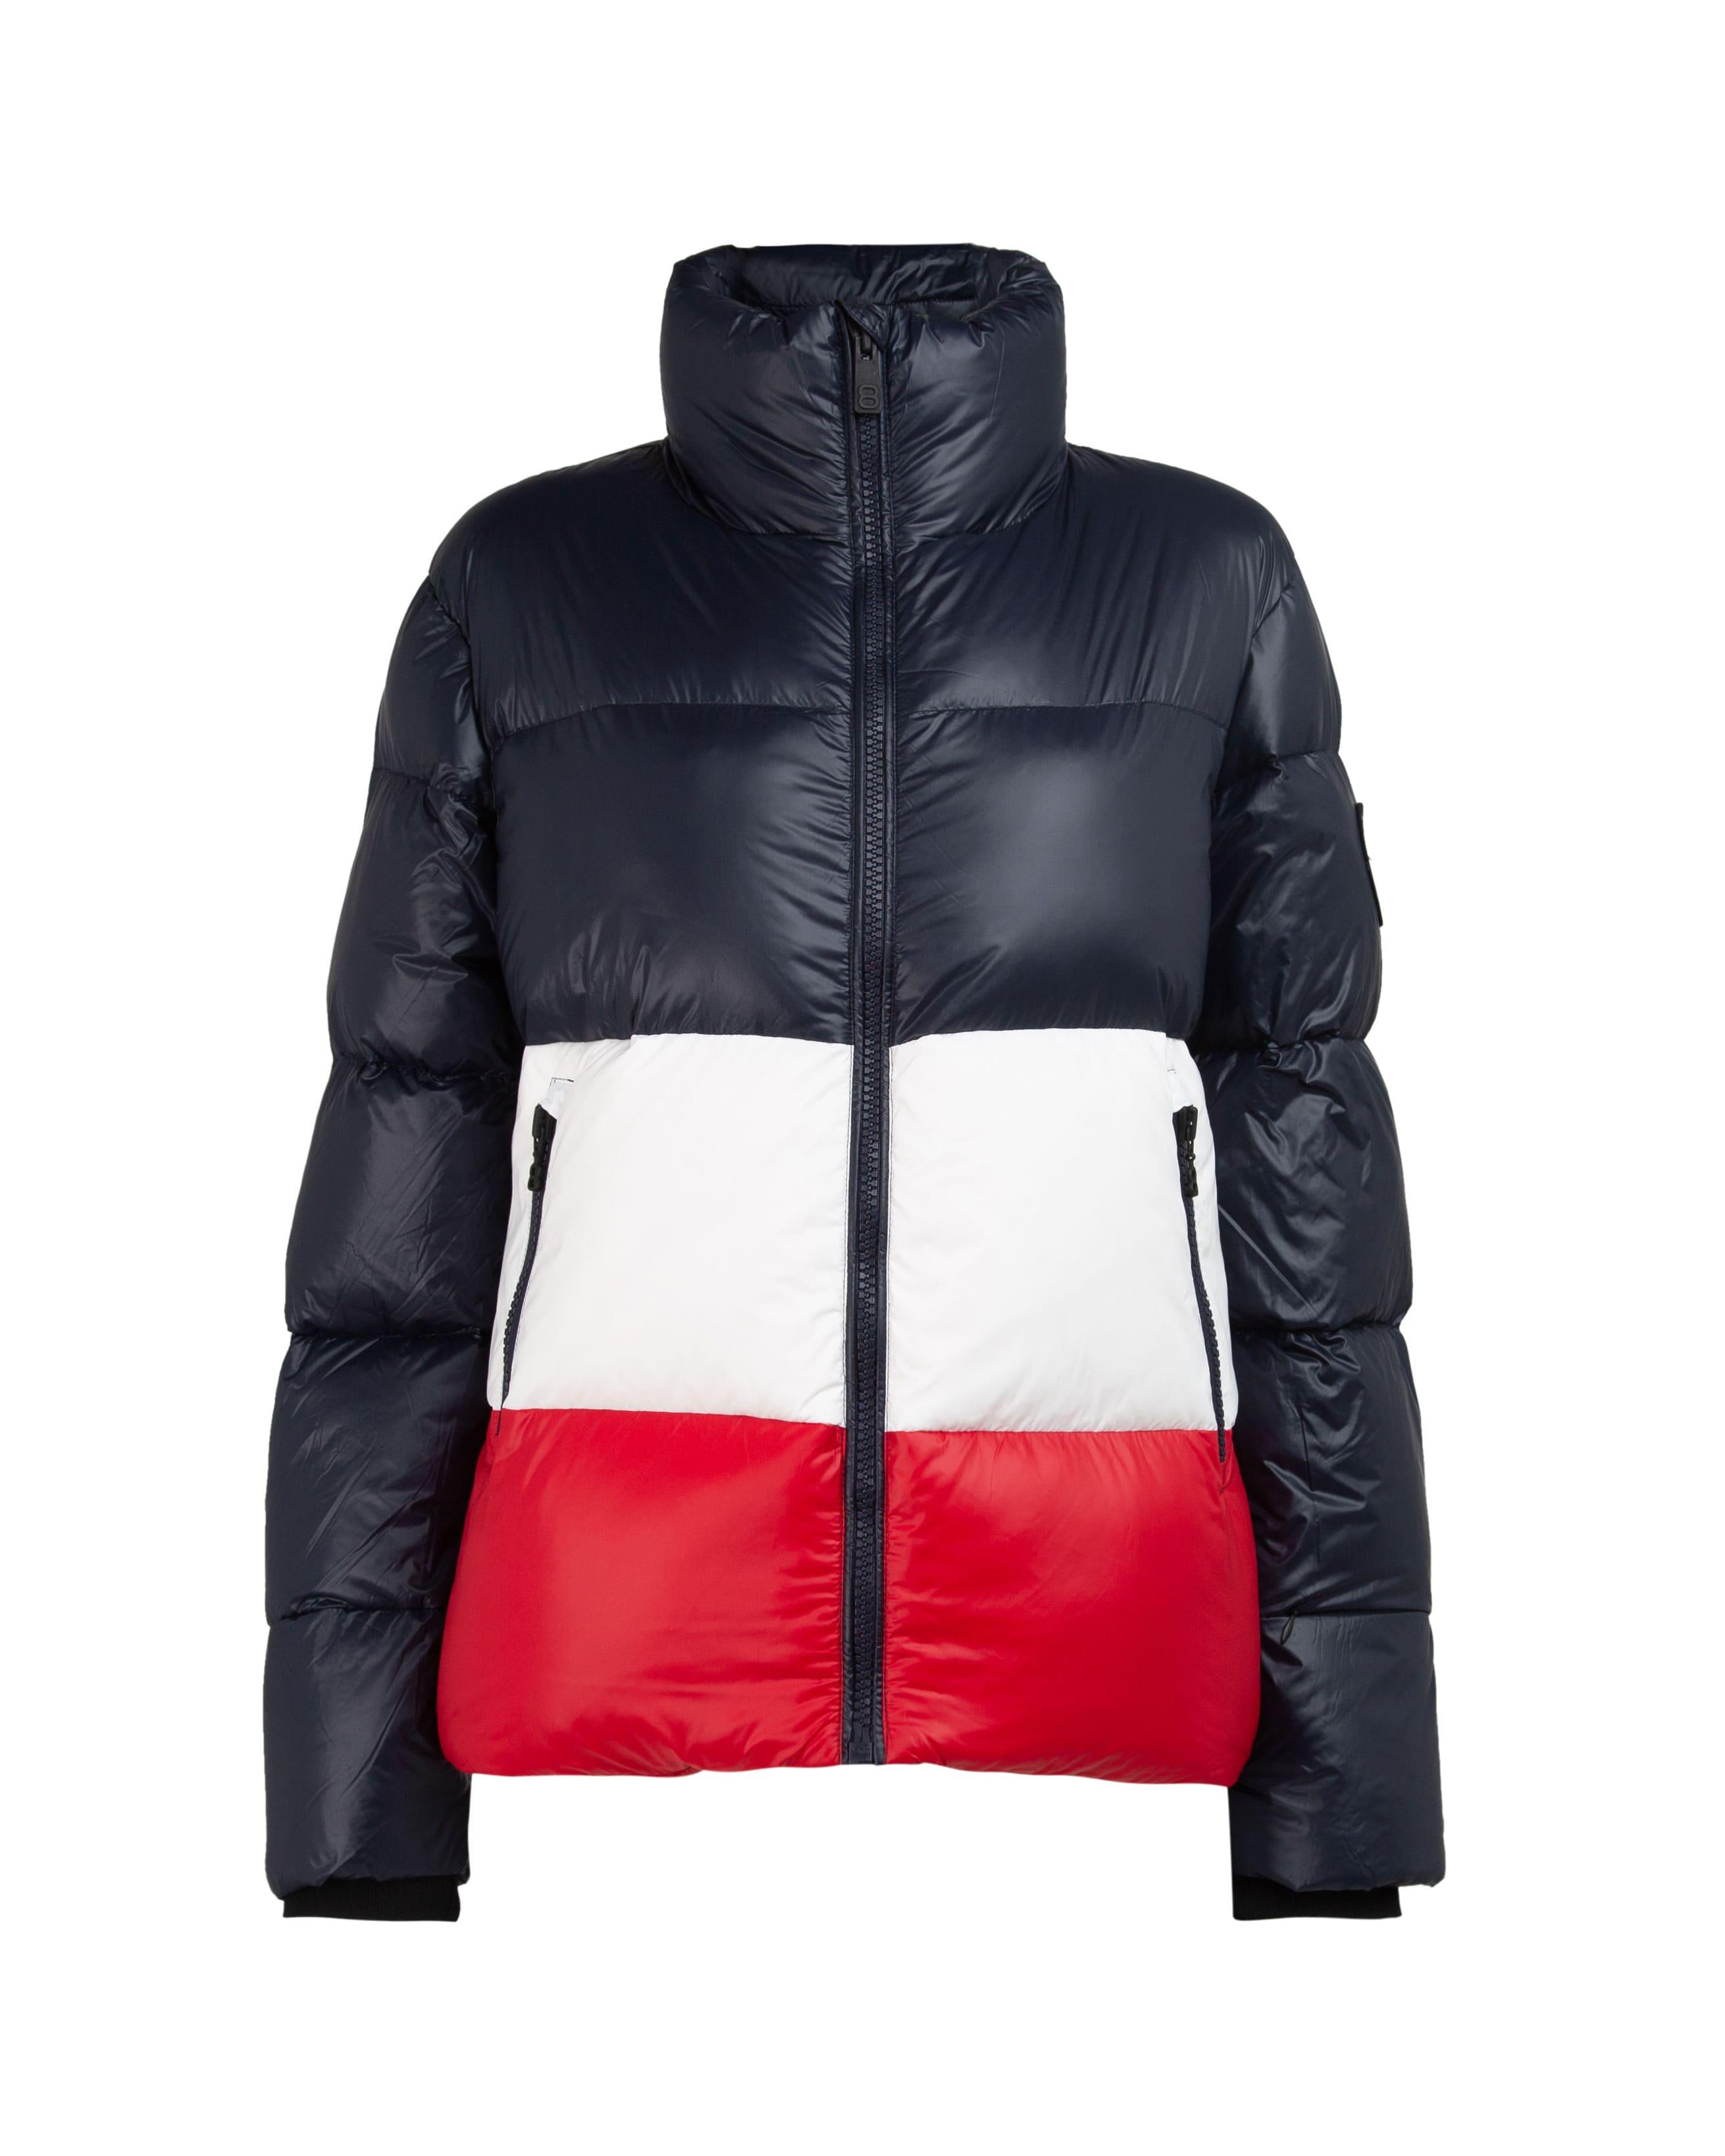 8848 Altitude Mila W Jacket 2022